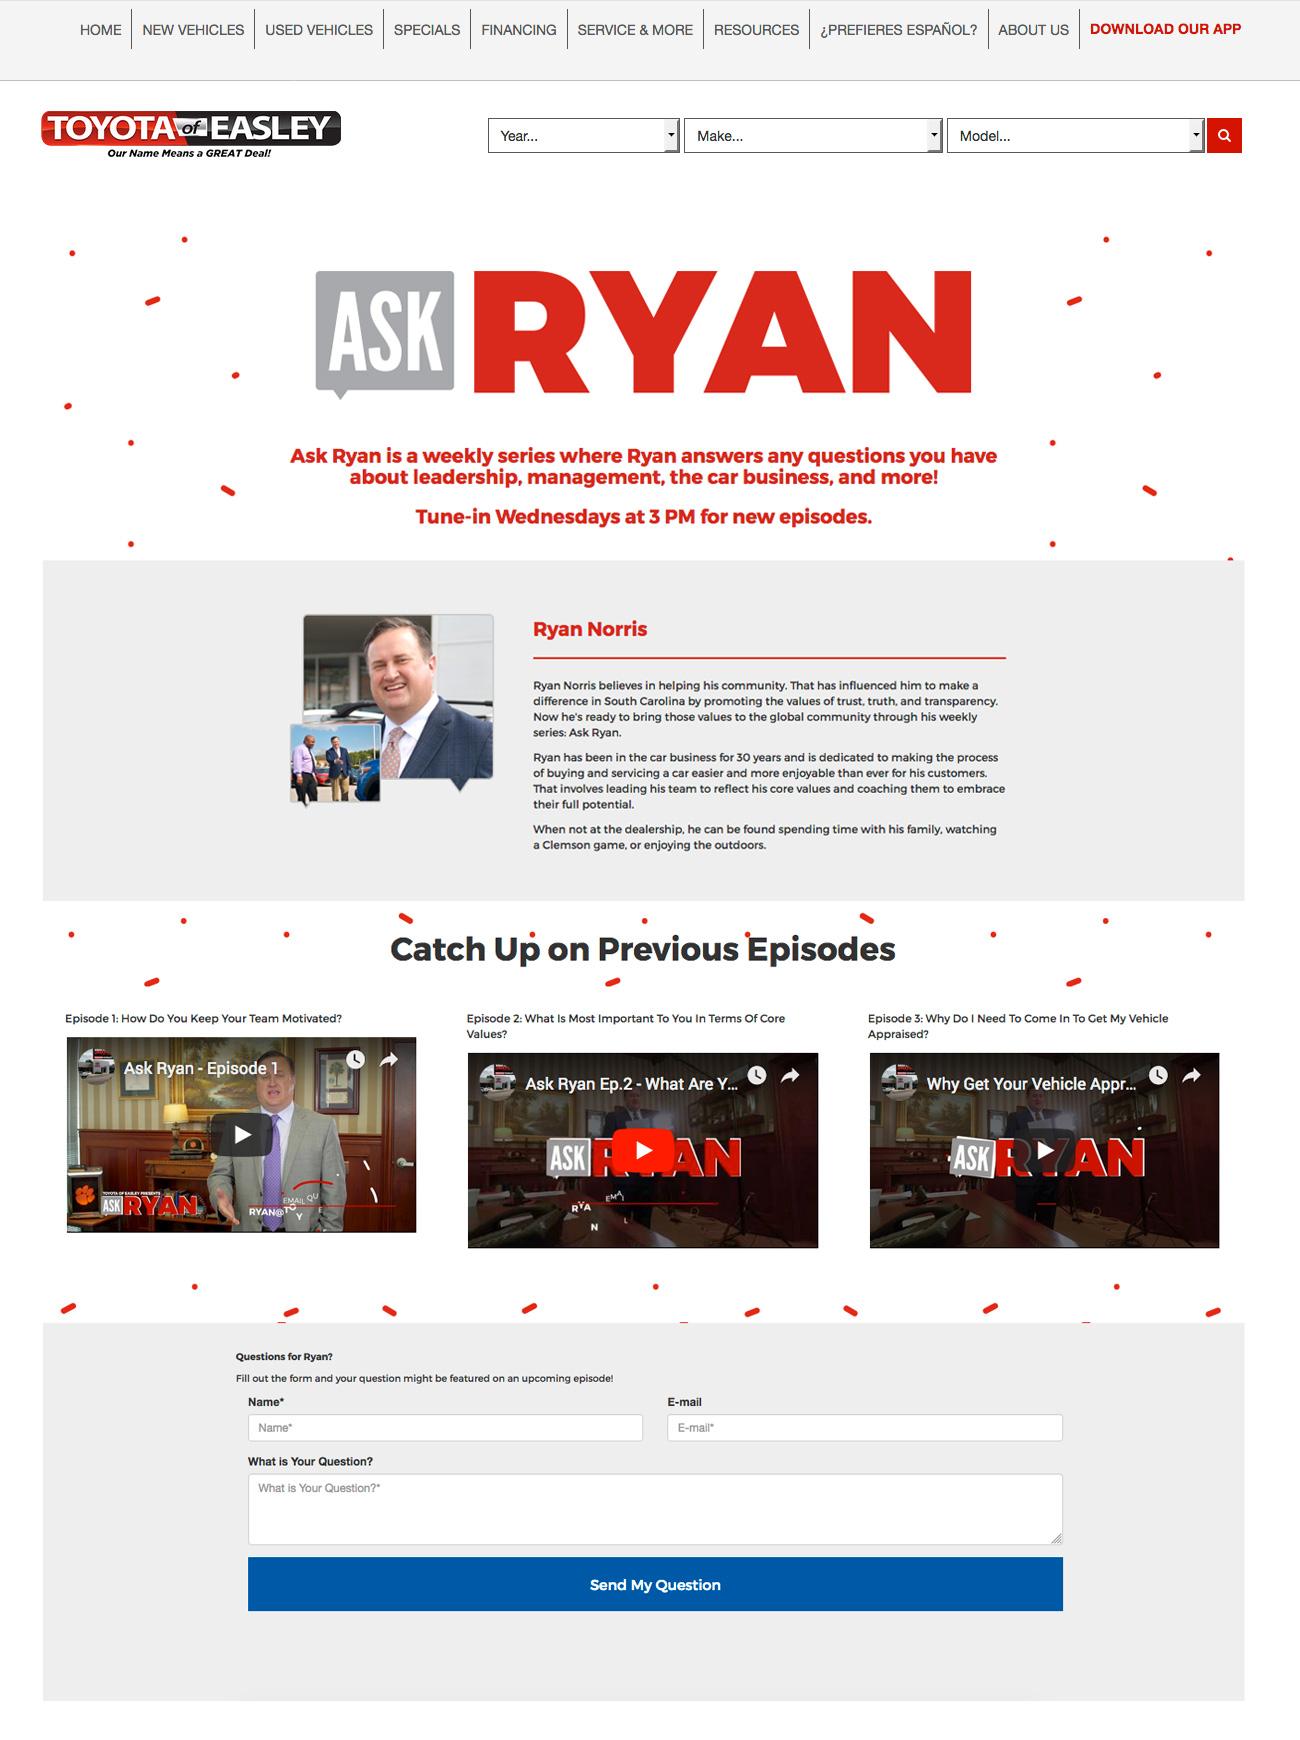 Ask Ryan Landing Page